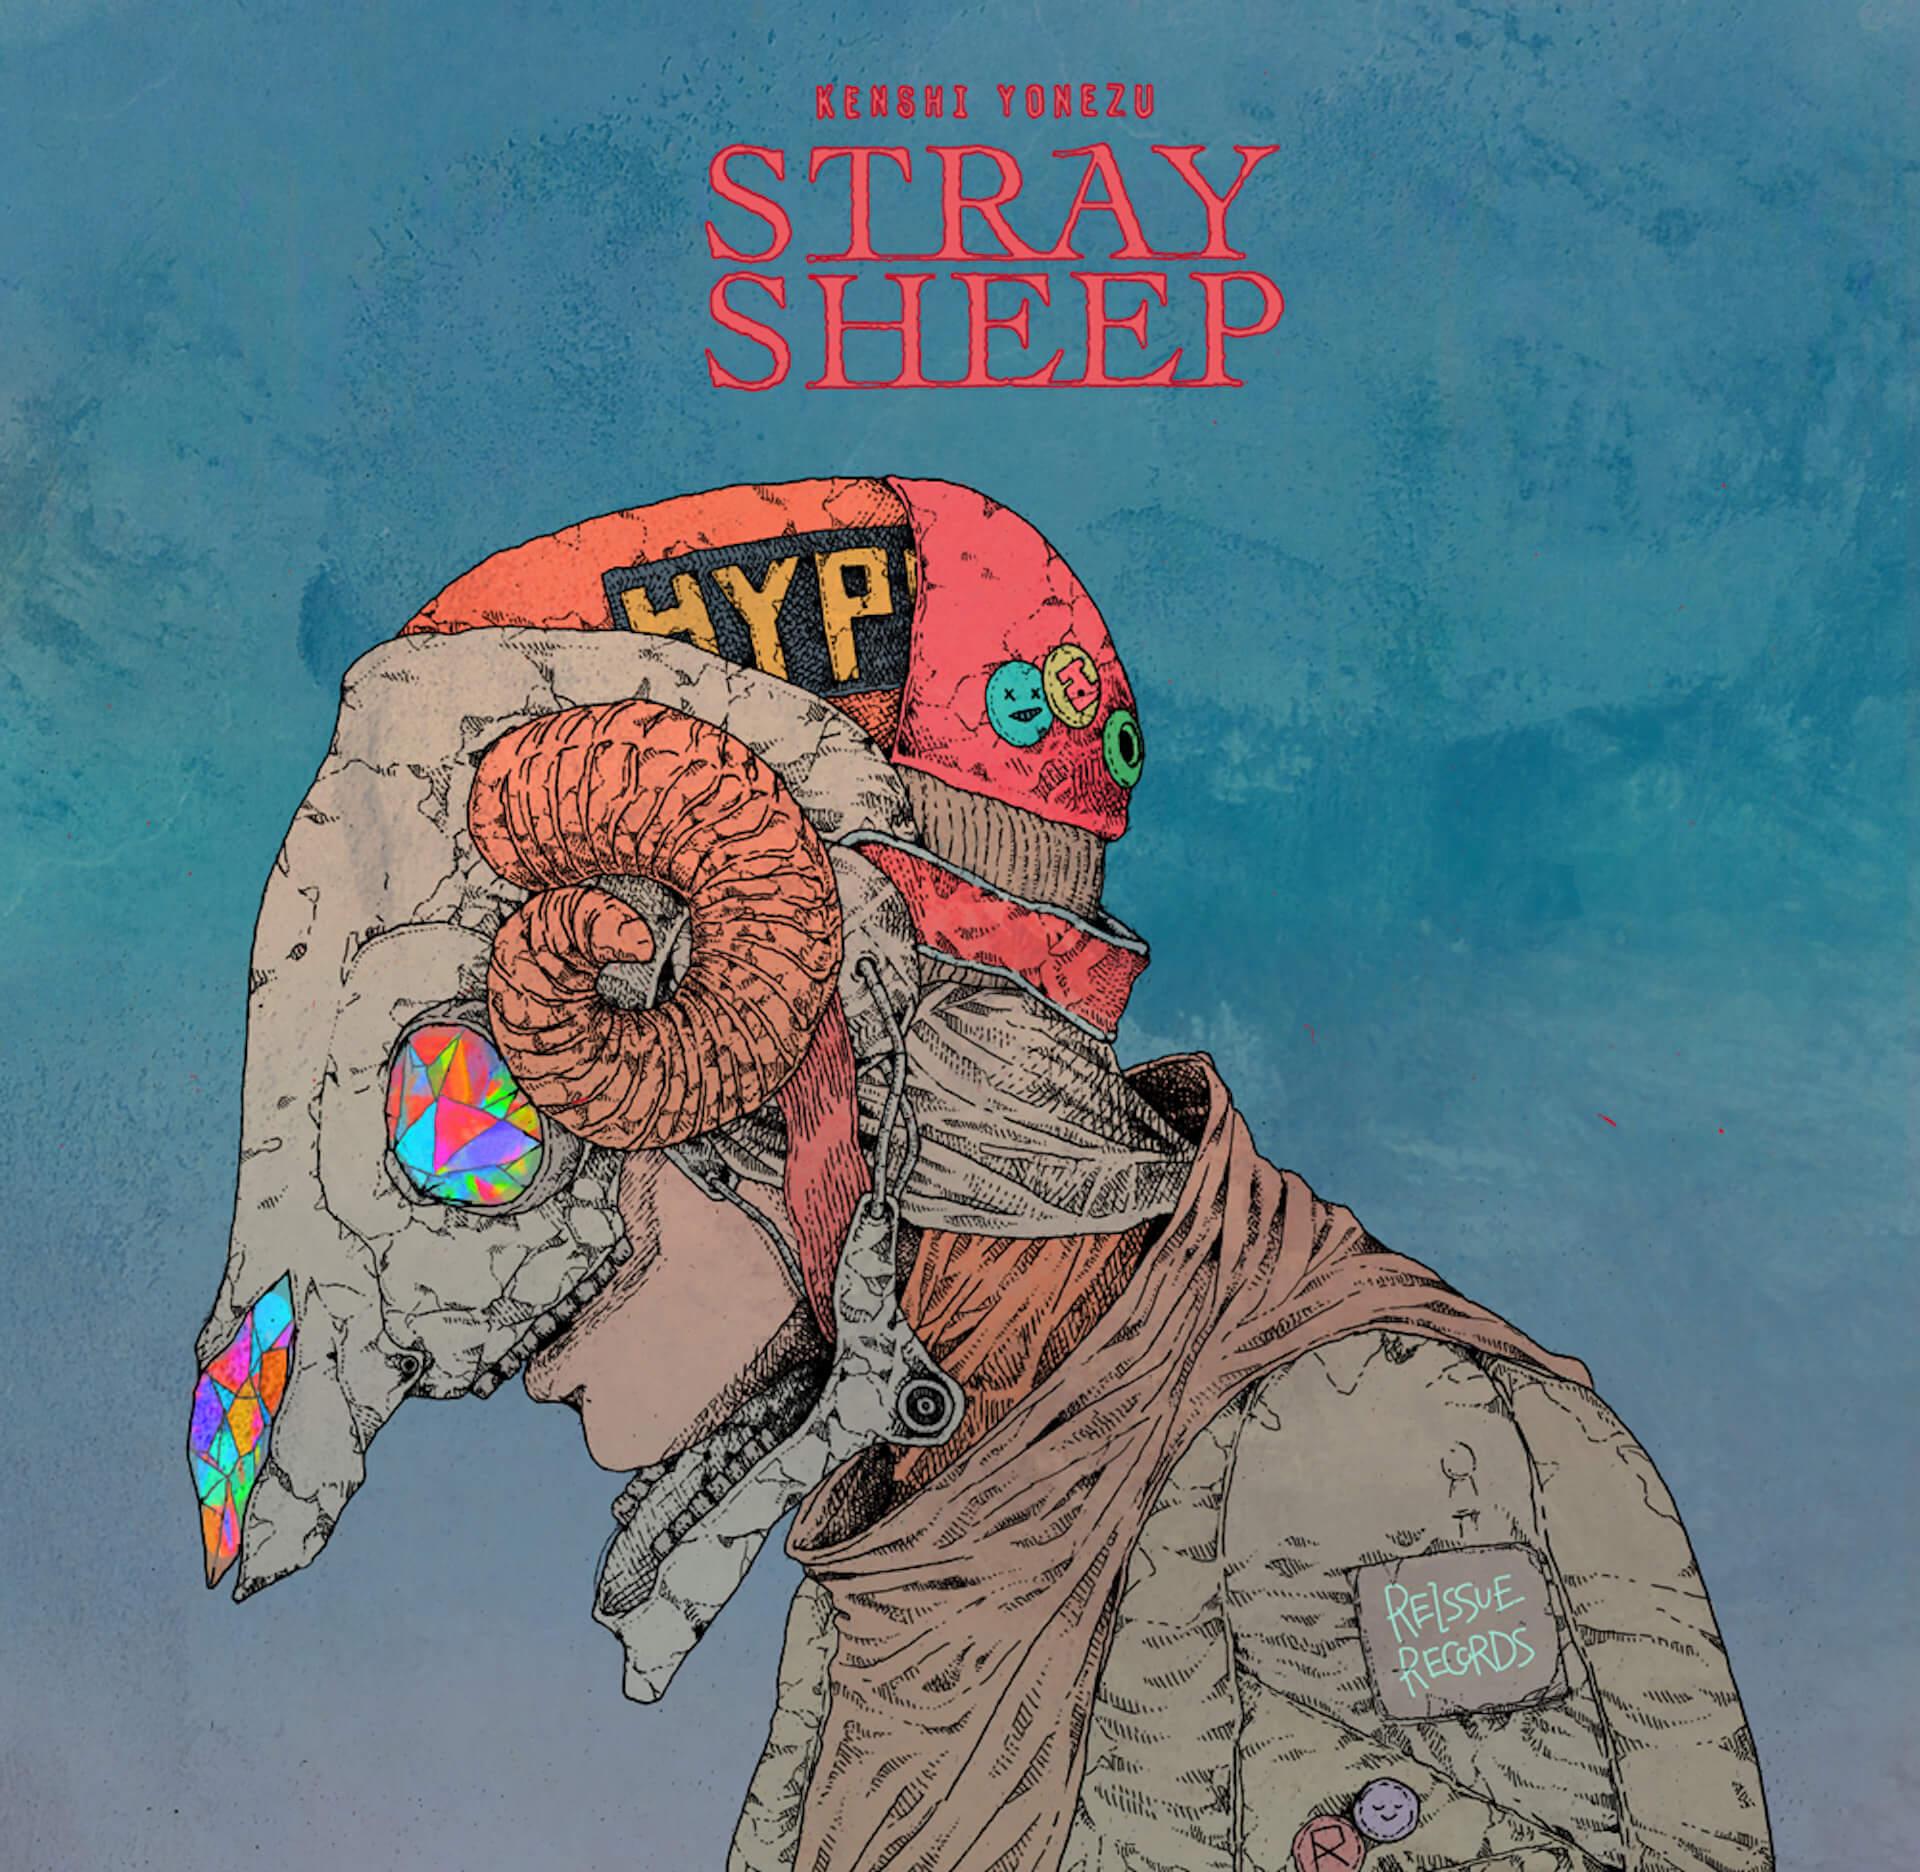 米津玄師、自身初のフラゲミリオン出荷!『STRAY SHEEP』100万枚出荷で祝賀アー写が公開 music200804_yonezukenshi_1